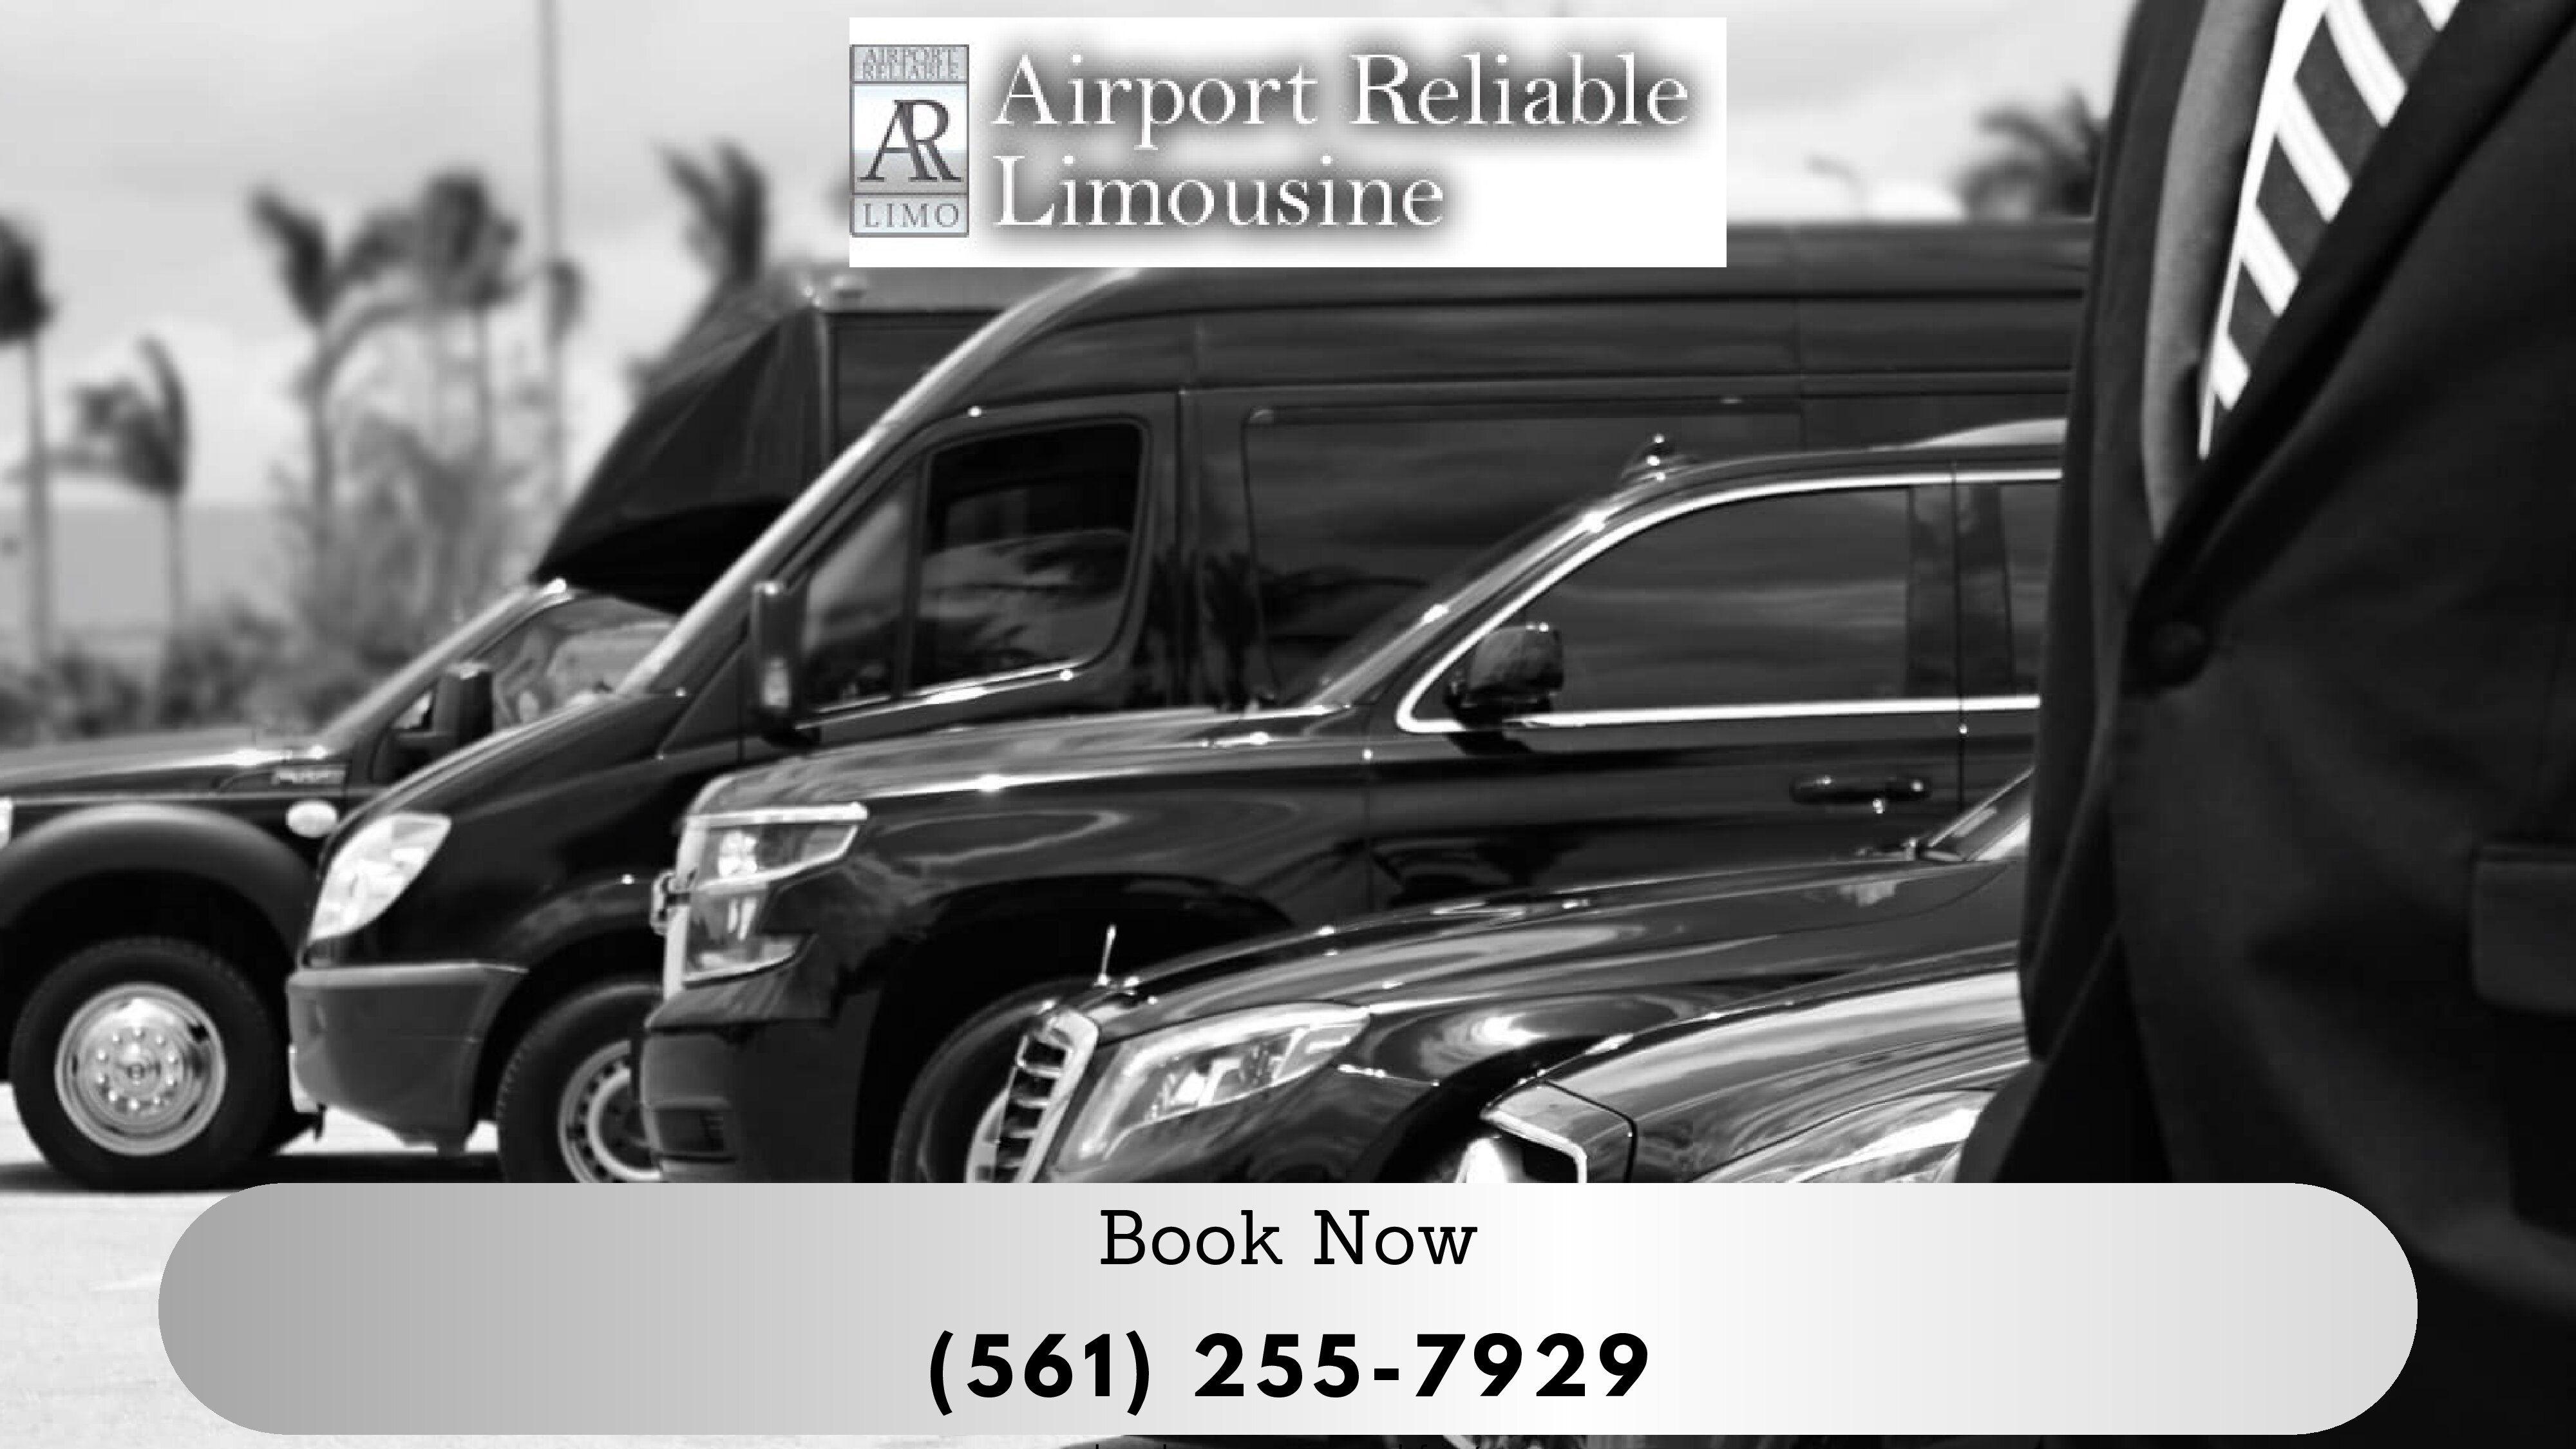 ec0f82d6e96899eaeb98f7a616a5143e - Airport Car Service Palm Beach Gardens Fl